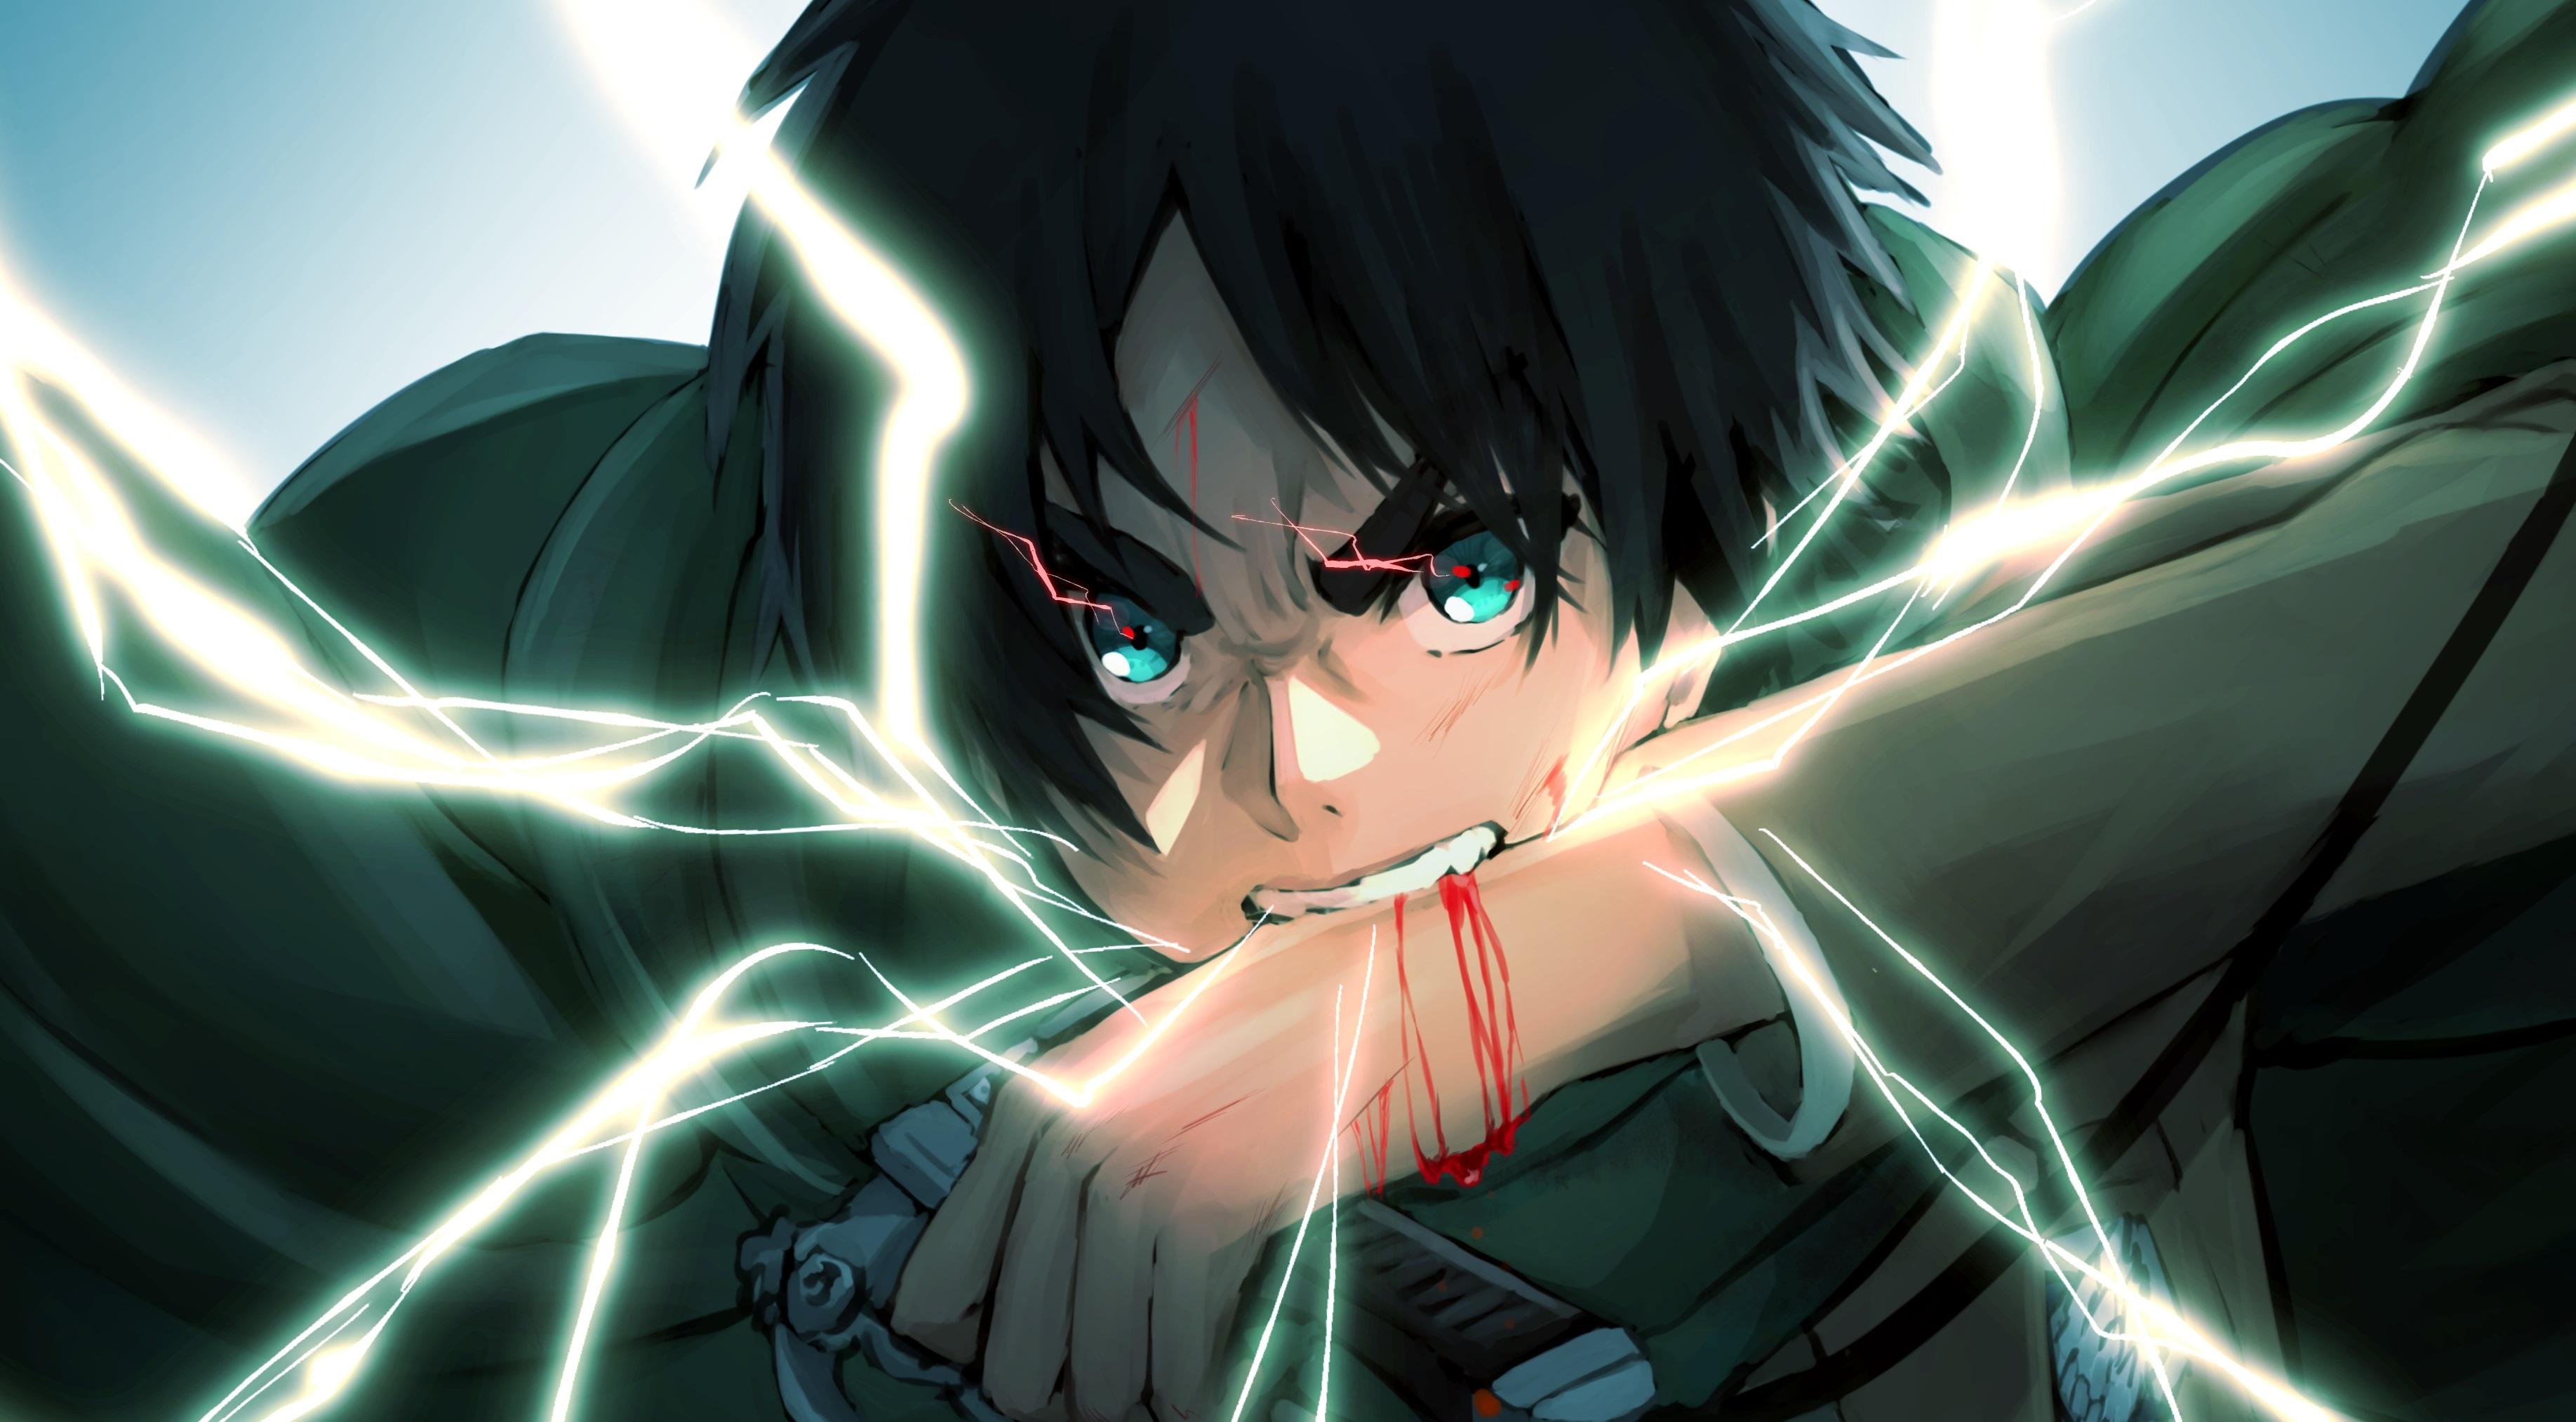 Eren Yeager Anime Art 4K Wallpaper, HD Anime 4K Wallpapers ...